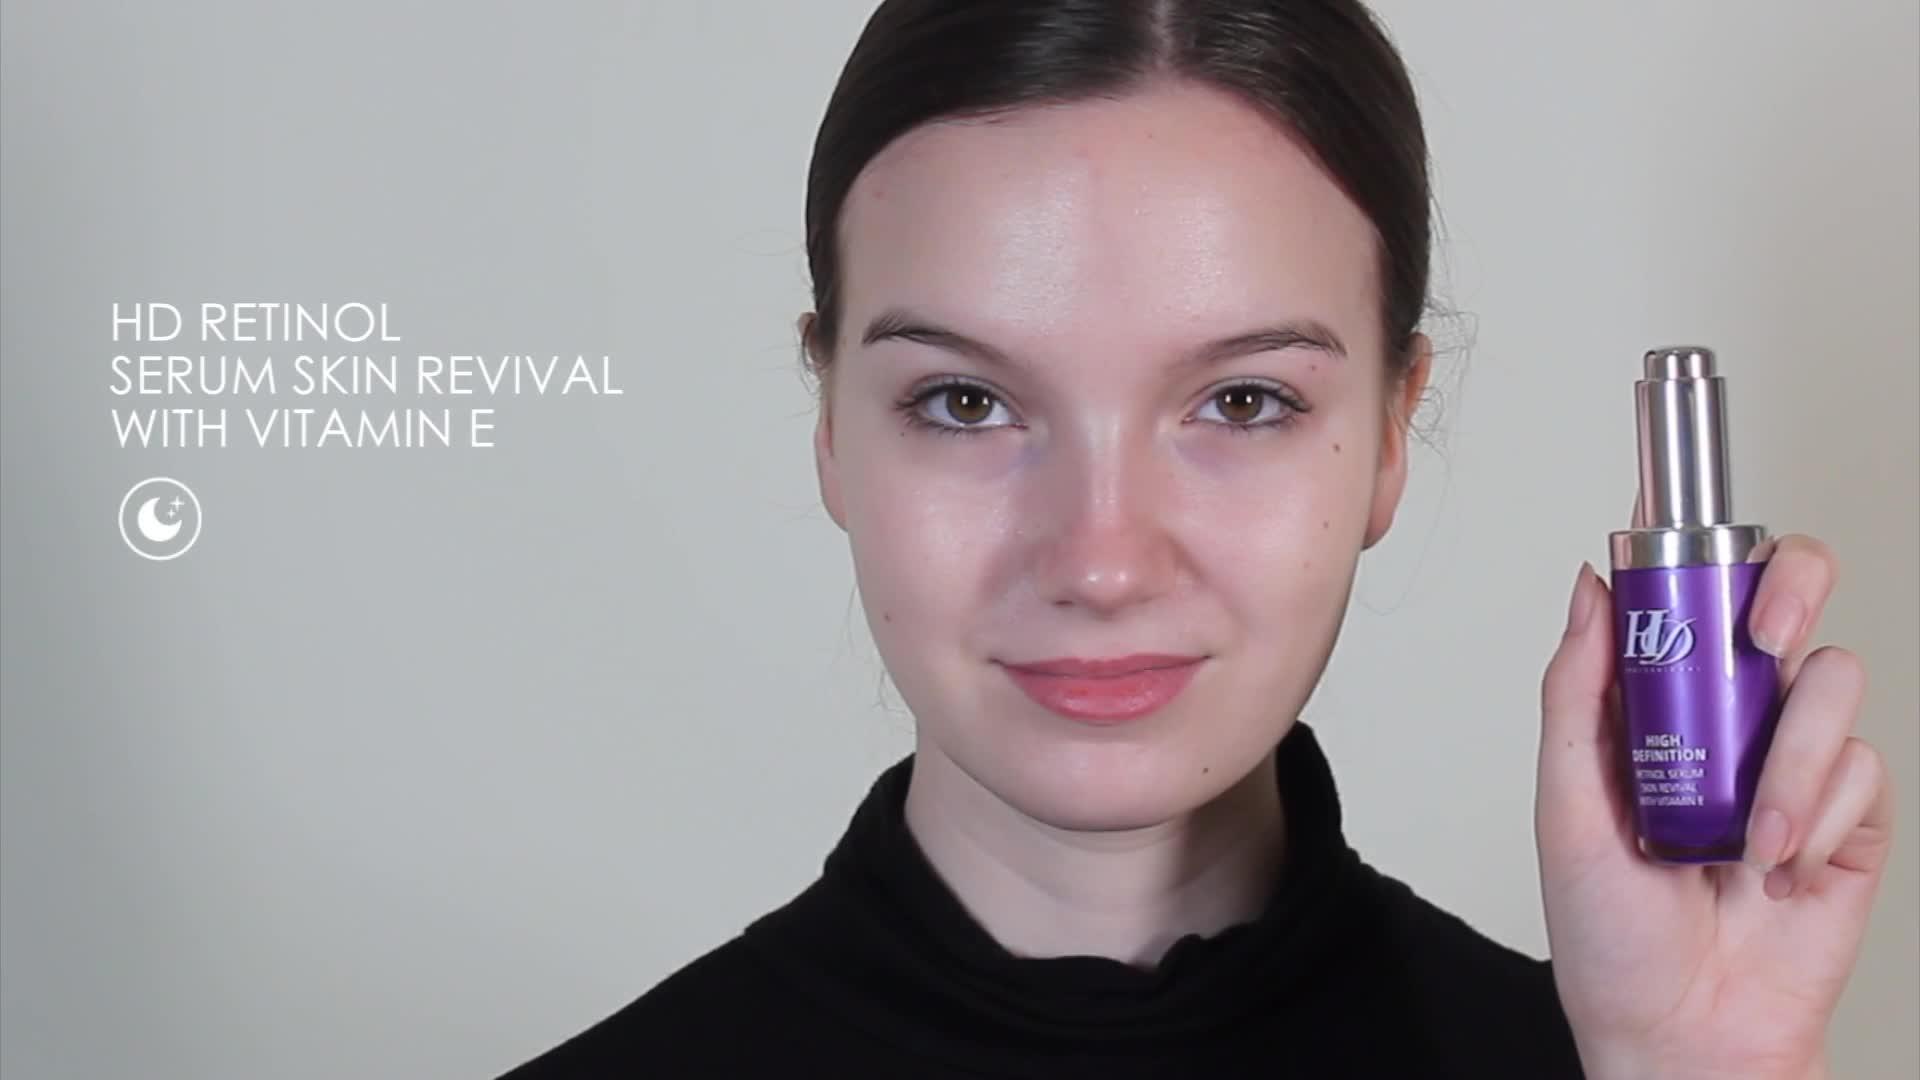 चेहरे सौंदर्य प्रसाधन मुँहासे सीरम विरोधी शिकन